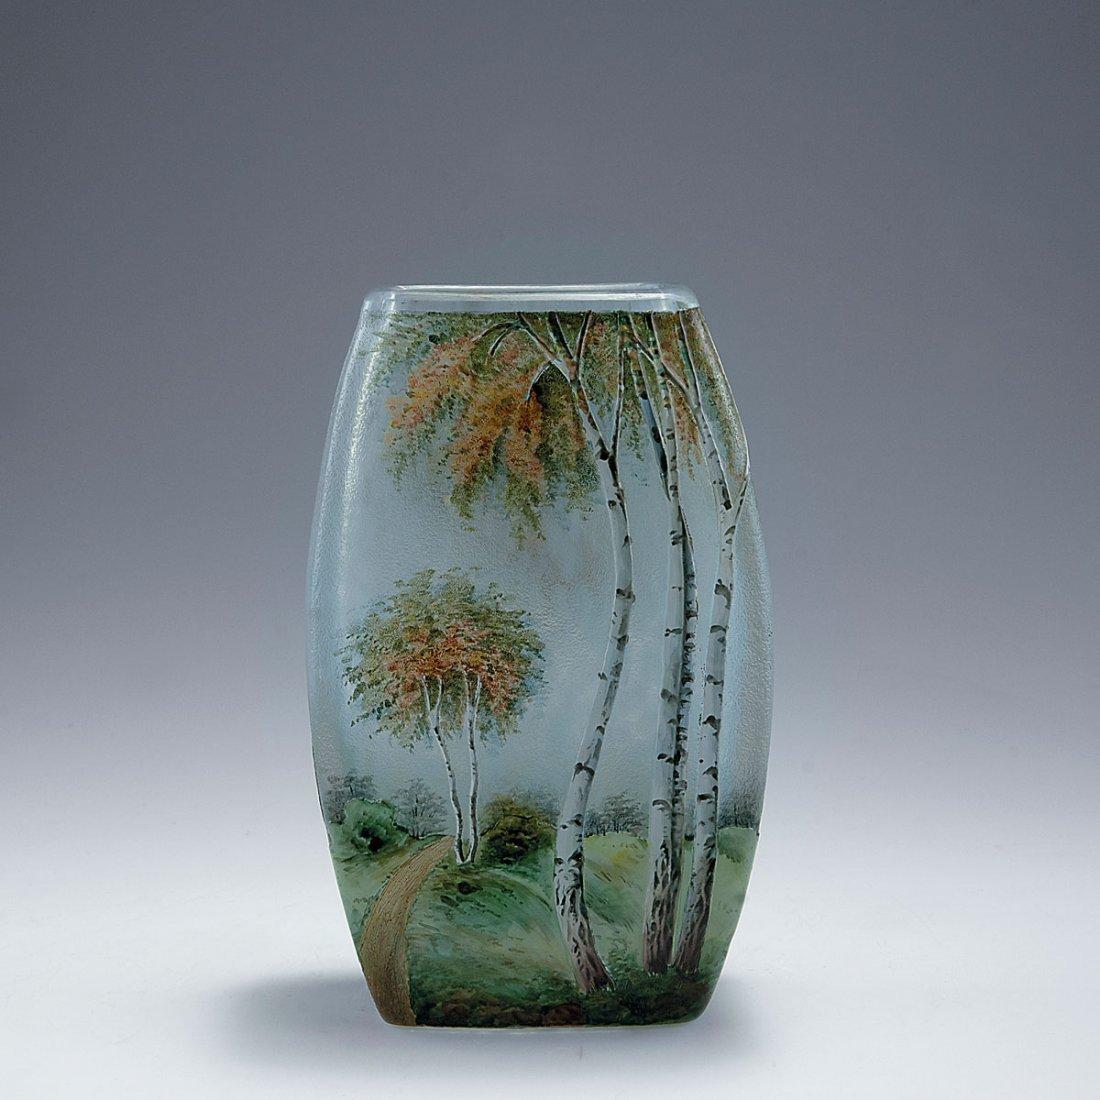 Vase with birch trees, 1920s